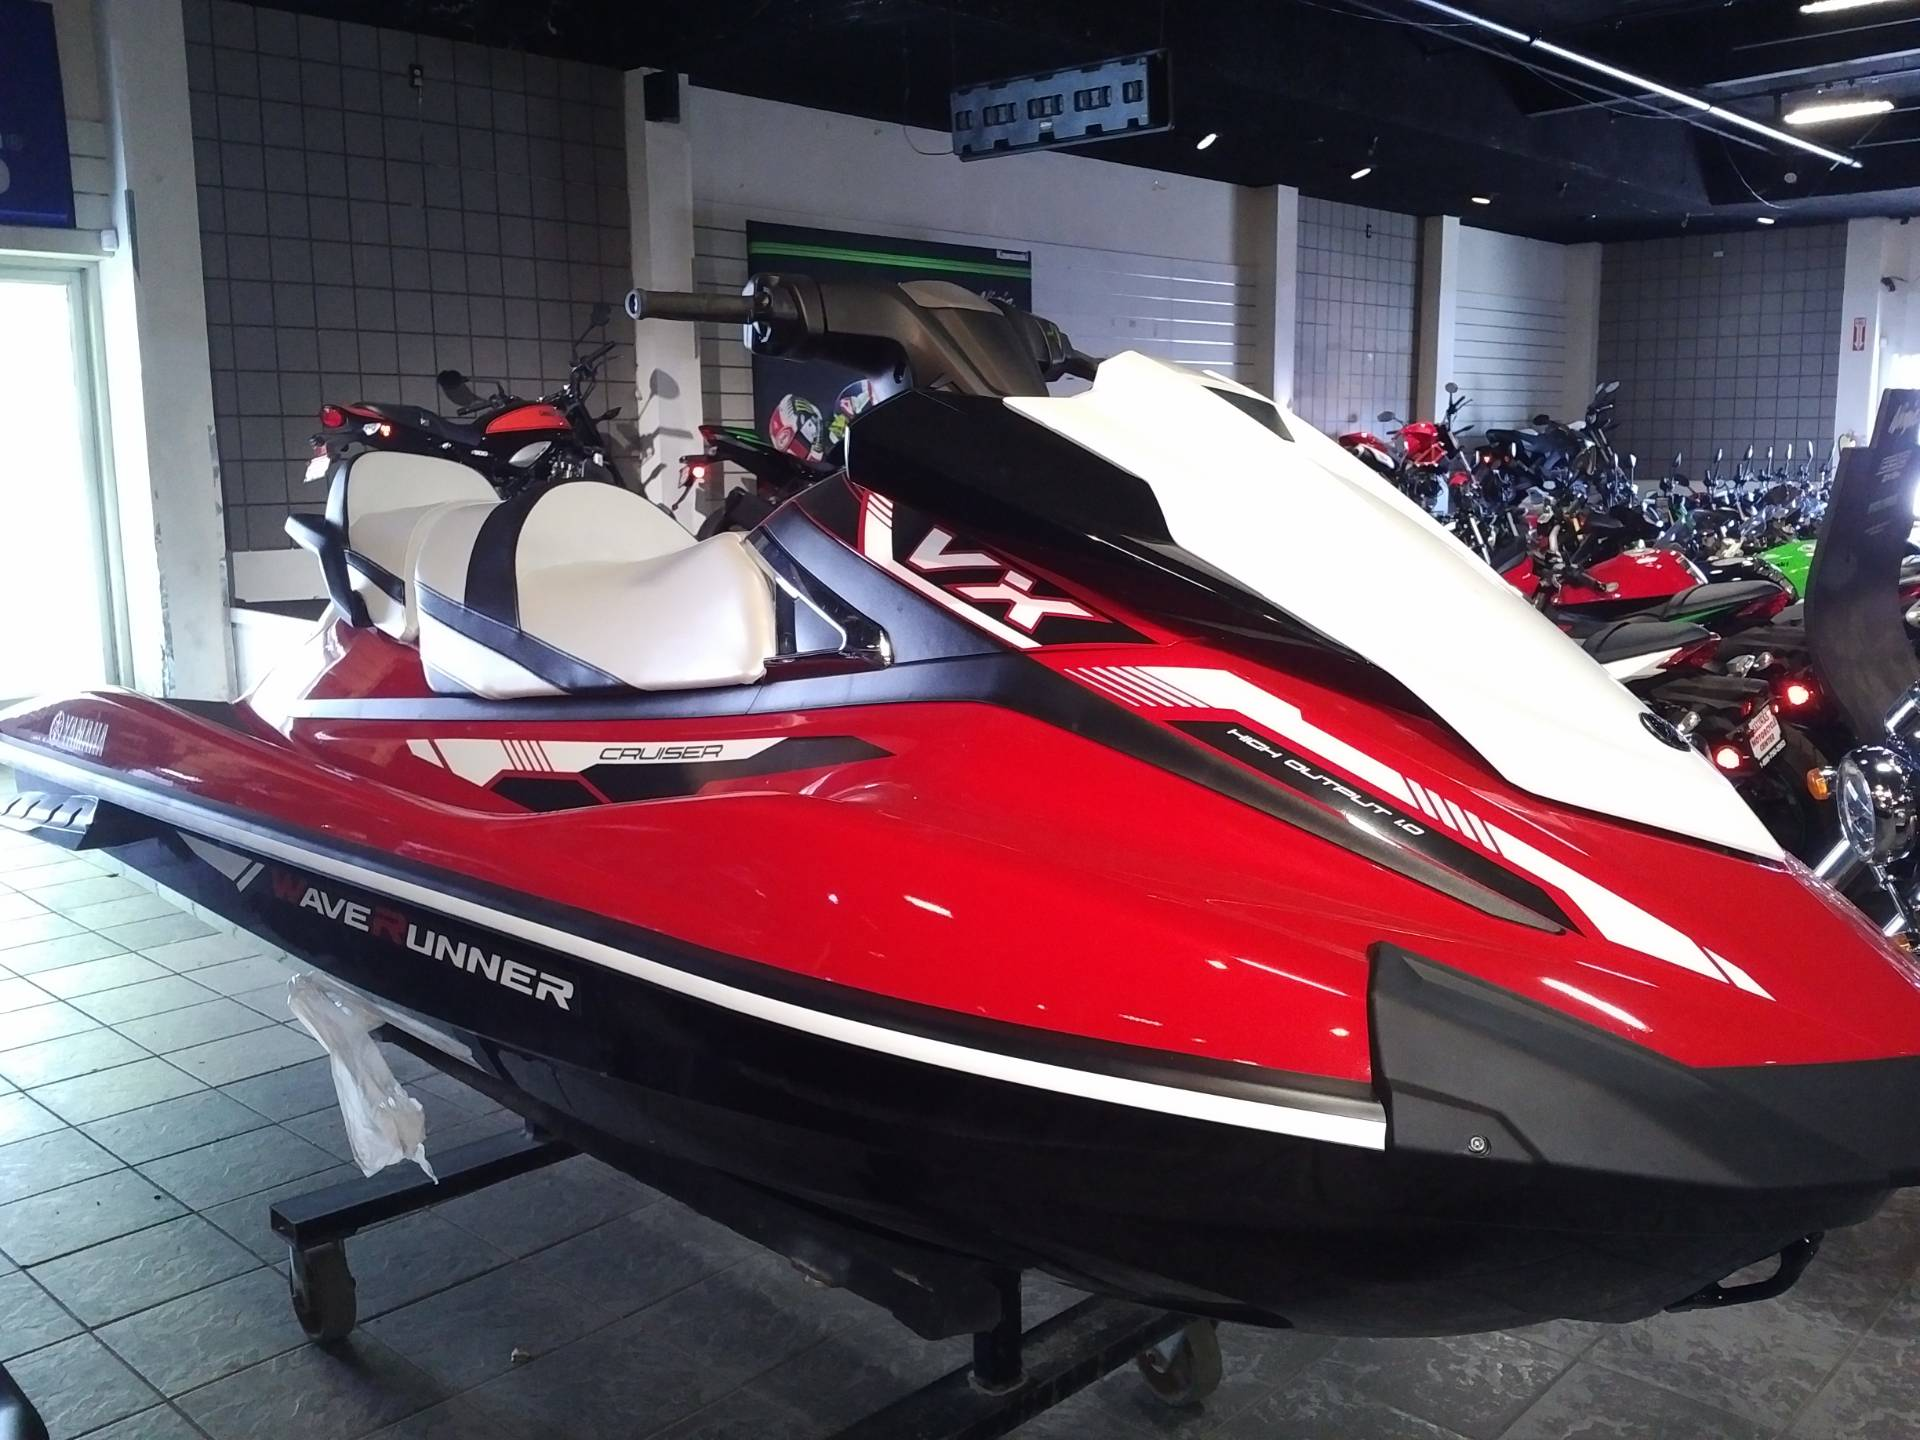 2018 Yamaha VX Cruiser for sale 138351